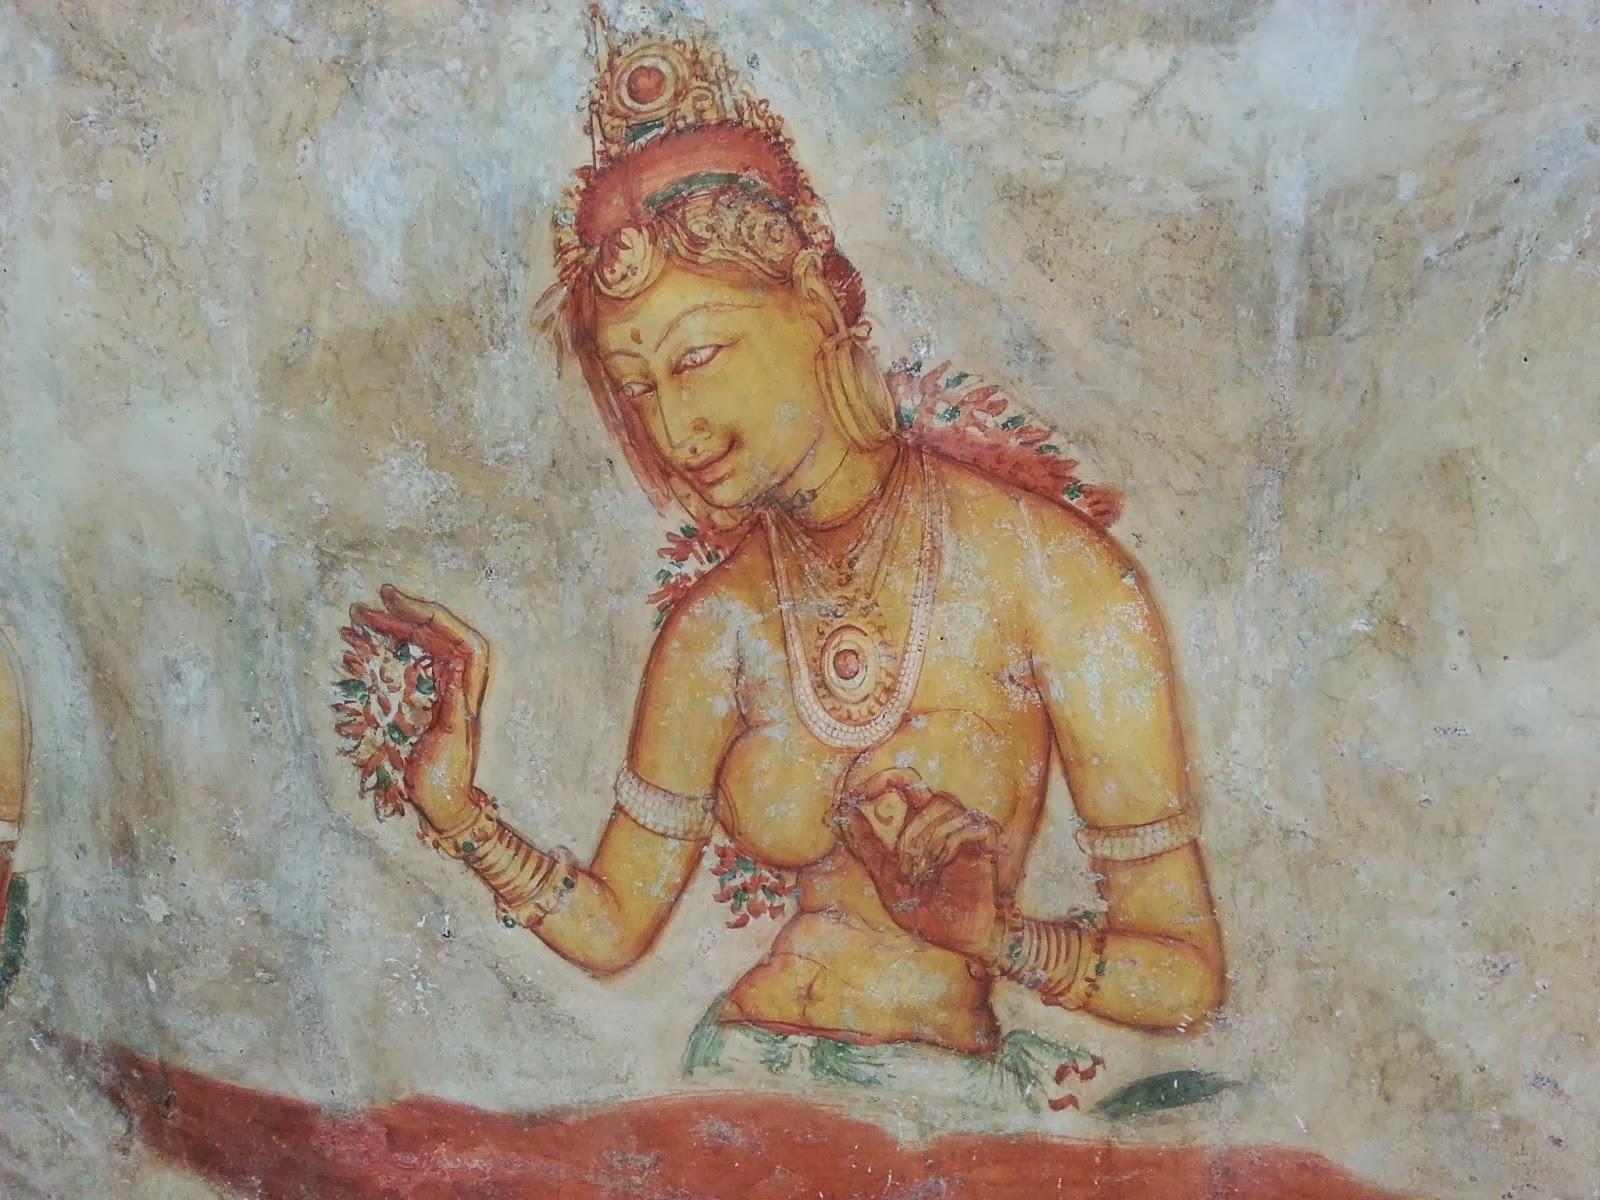 Прекрасная девушка древней Ланки обнаженной грудью, фрески Сигирии, держит руке цветы, ожерелье